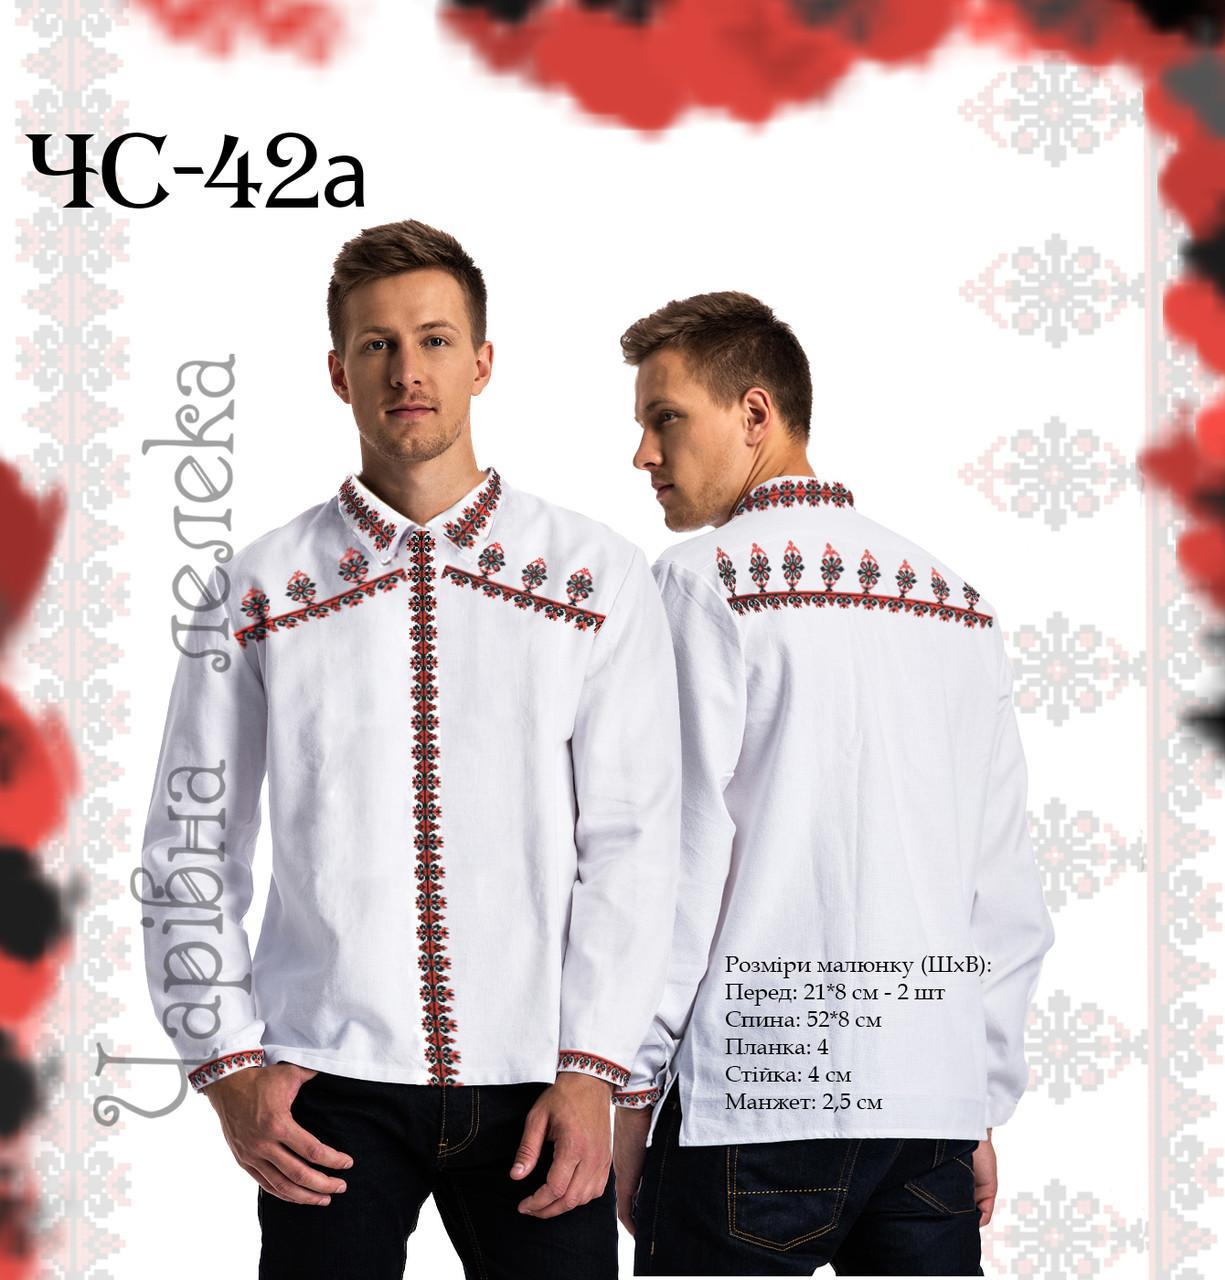 Заготовка для Мужской вышитой сорочки ЧС-42а